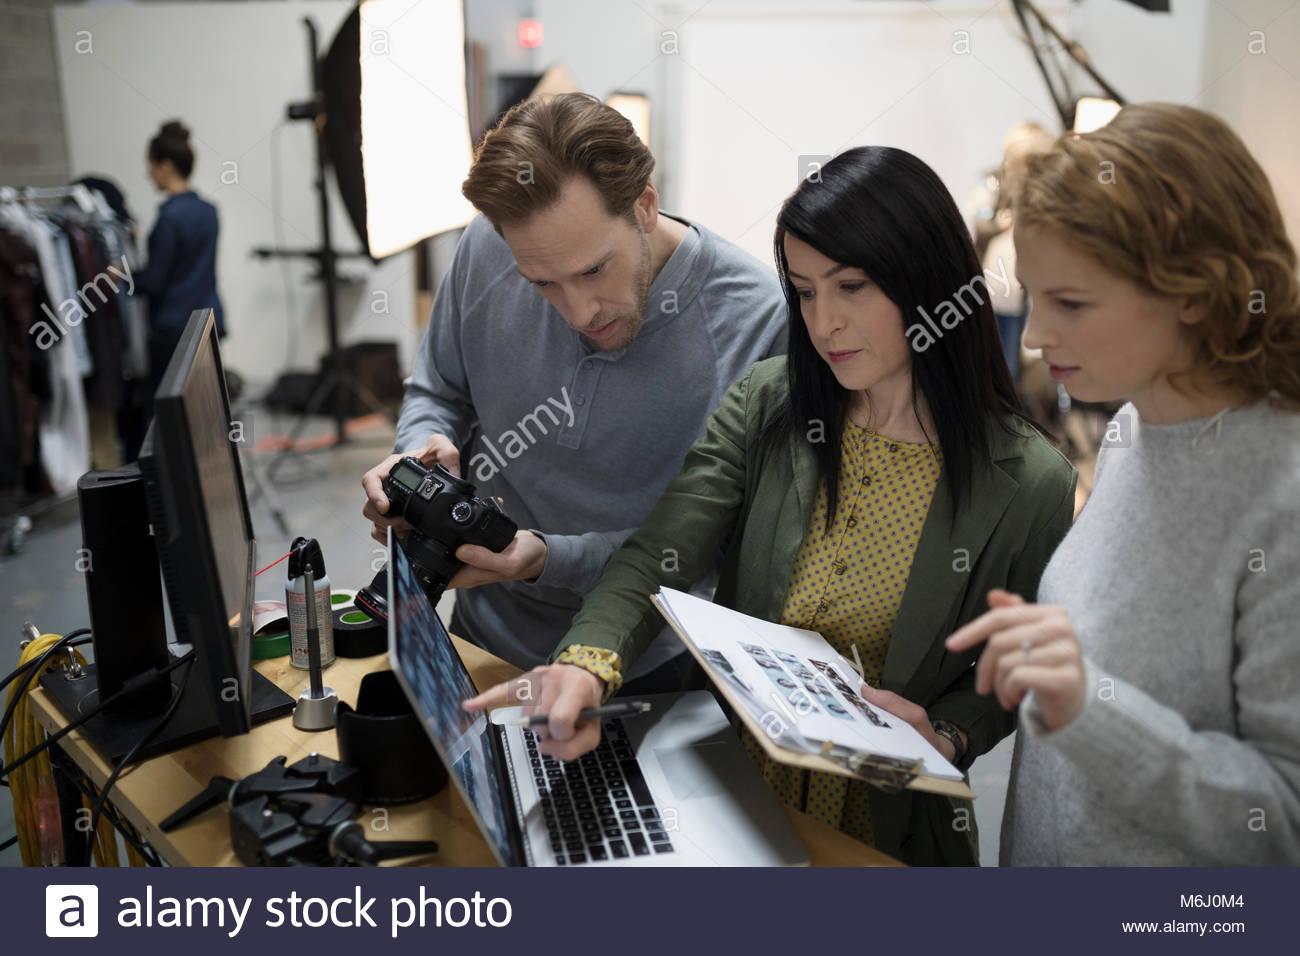 Fotograf und Produktion team Vorbereitung Fotoshooting im Studio Stockbild